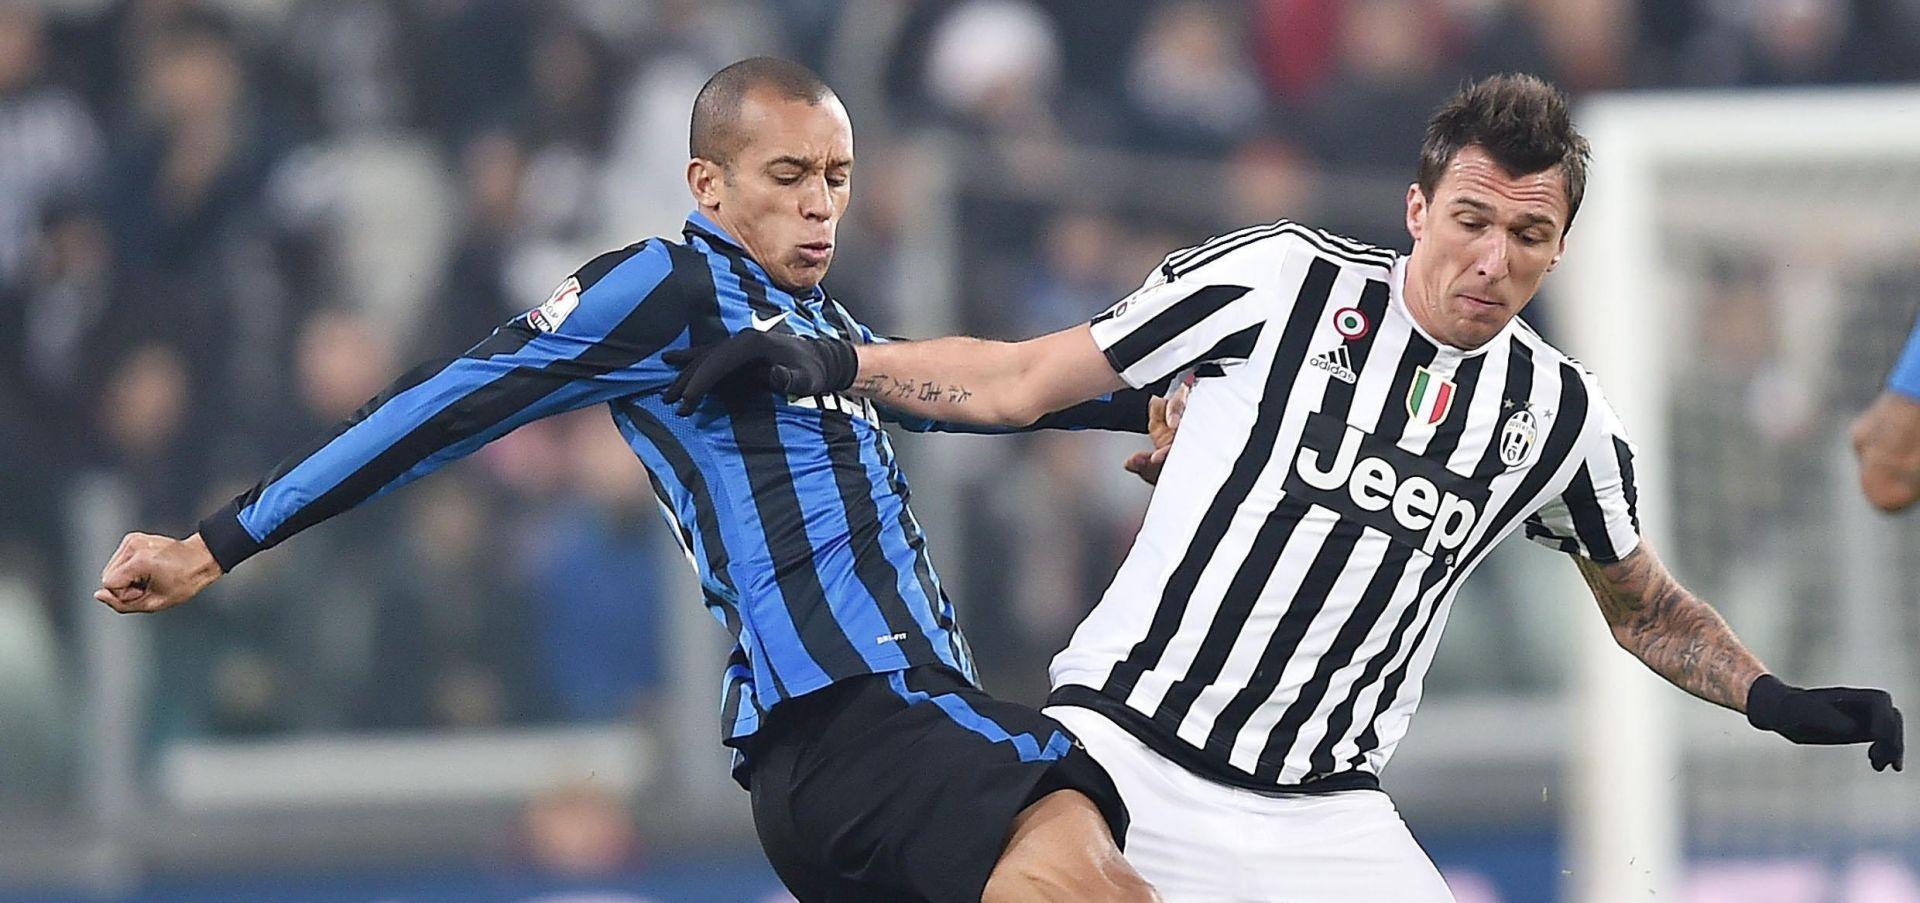 TALIJANSKI KUP Juventus slavio protiv Intera 3:0